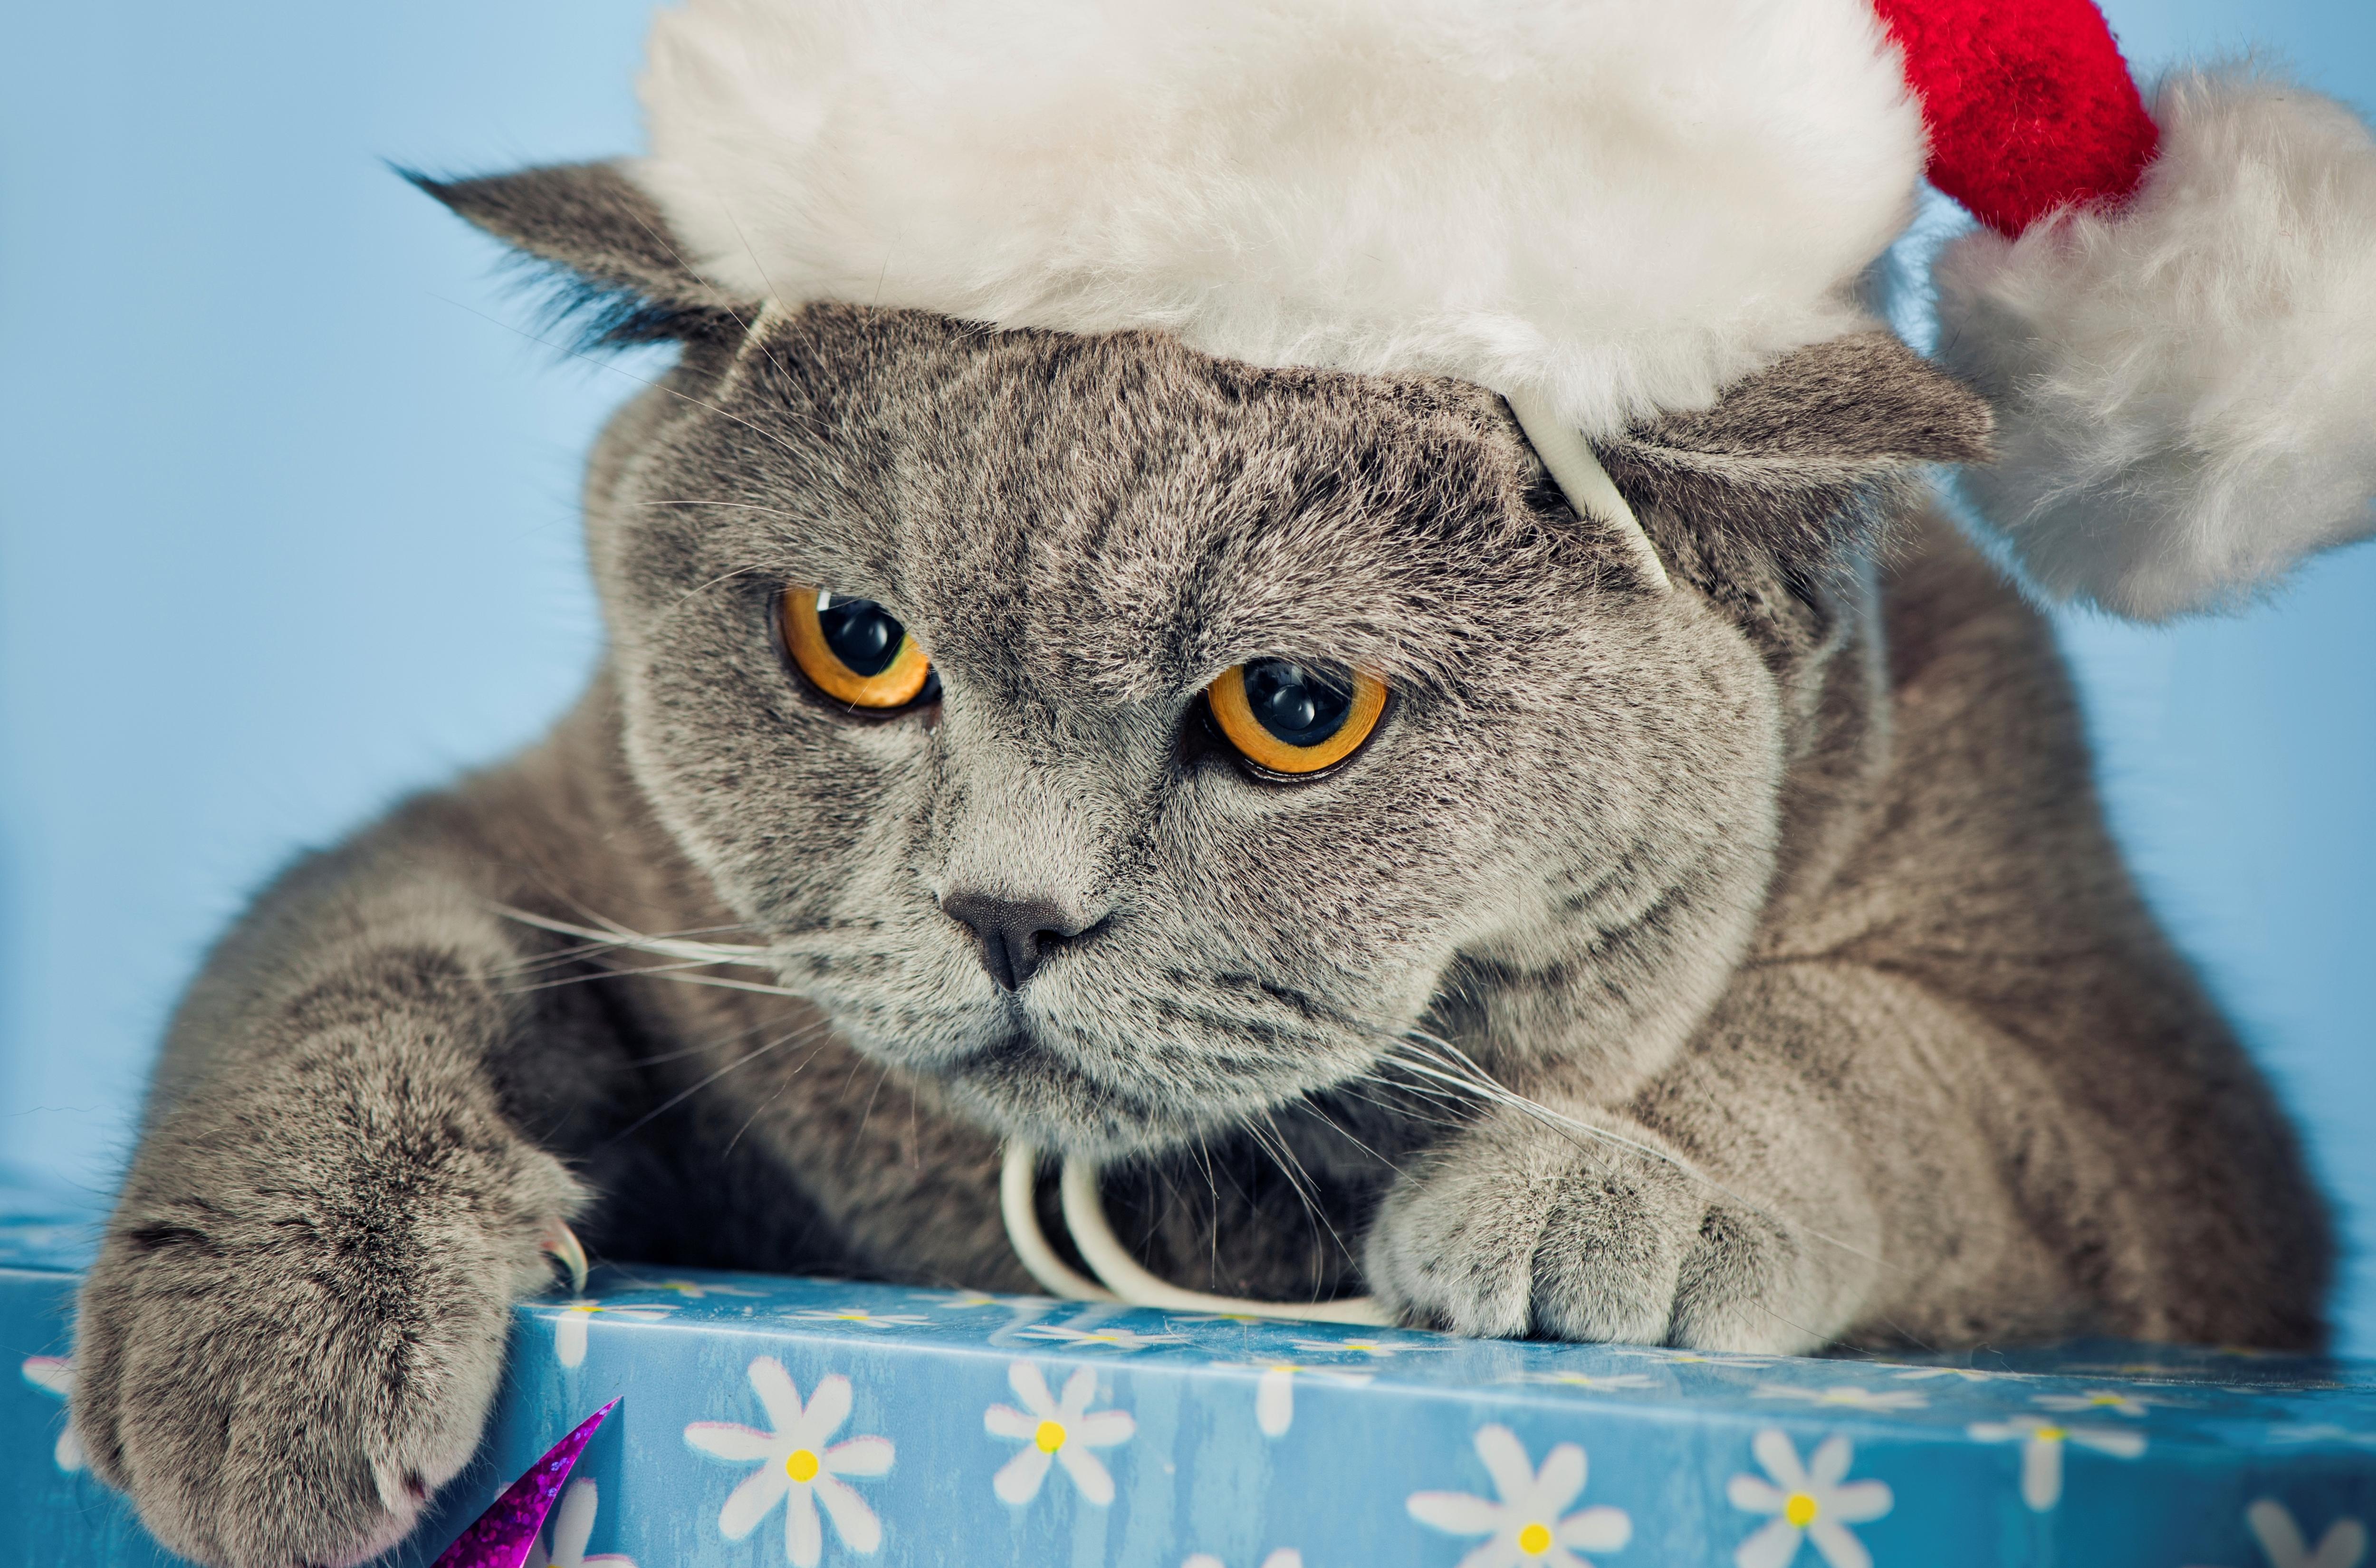 случае фото котиков в шапочках новогодних ассортимент, отзывы